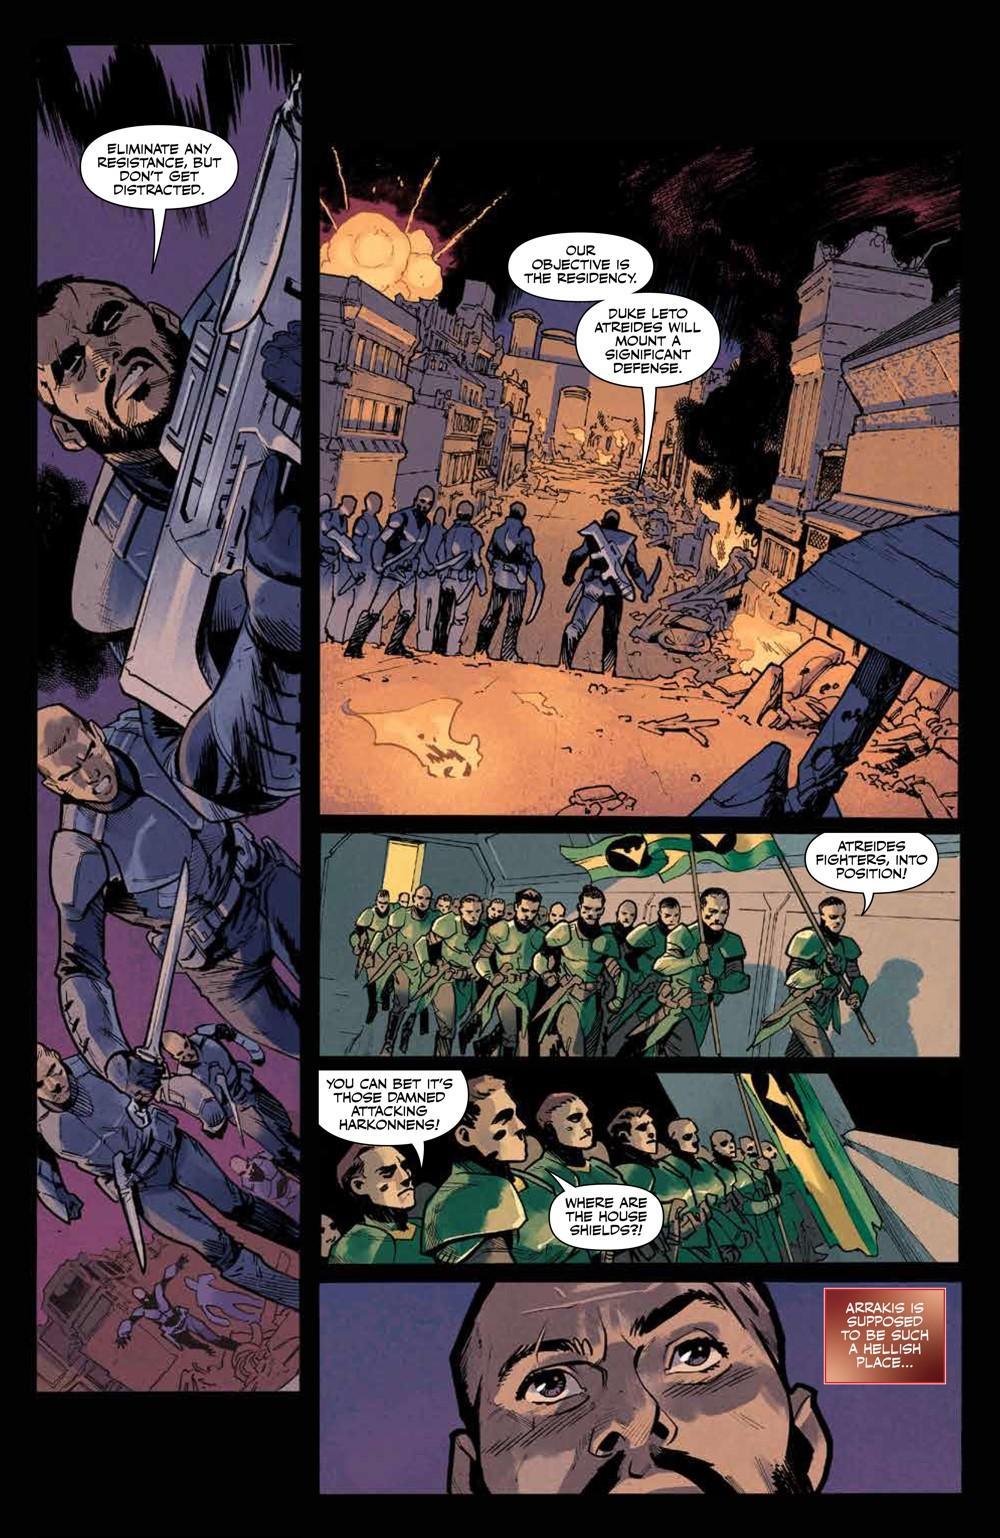 Dune_BloodSardaukar_001_PRESS_6 ComicList Previews: DUNE BLOOD OF THE SARDAUKAR #1